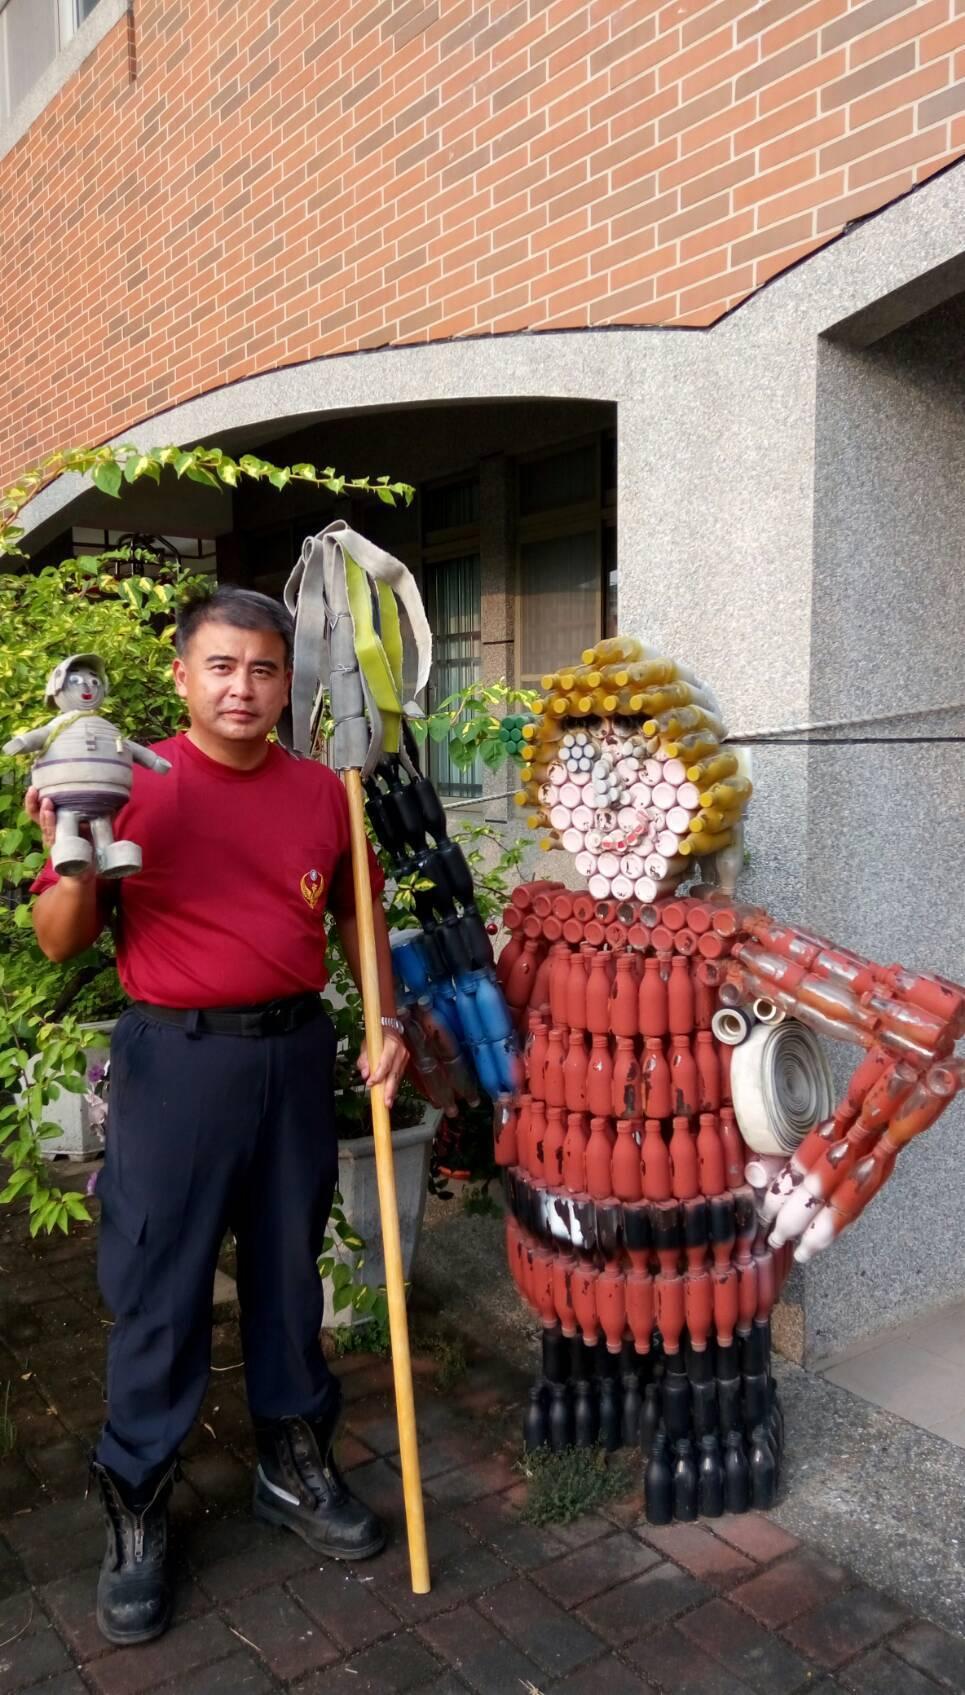 吳明哲利用羊奶瓶製成的大型創作,乃至於廢棄水帶製成的消防寶寶,及撲滅山區野火用的...